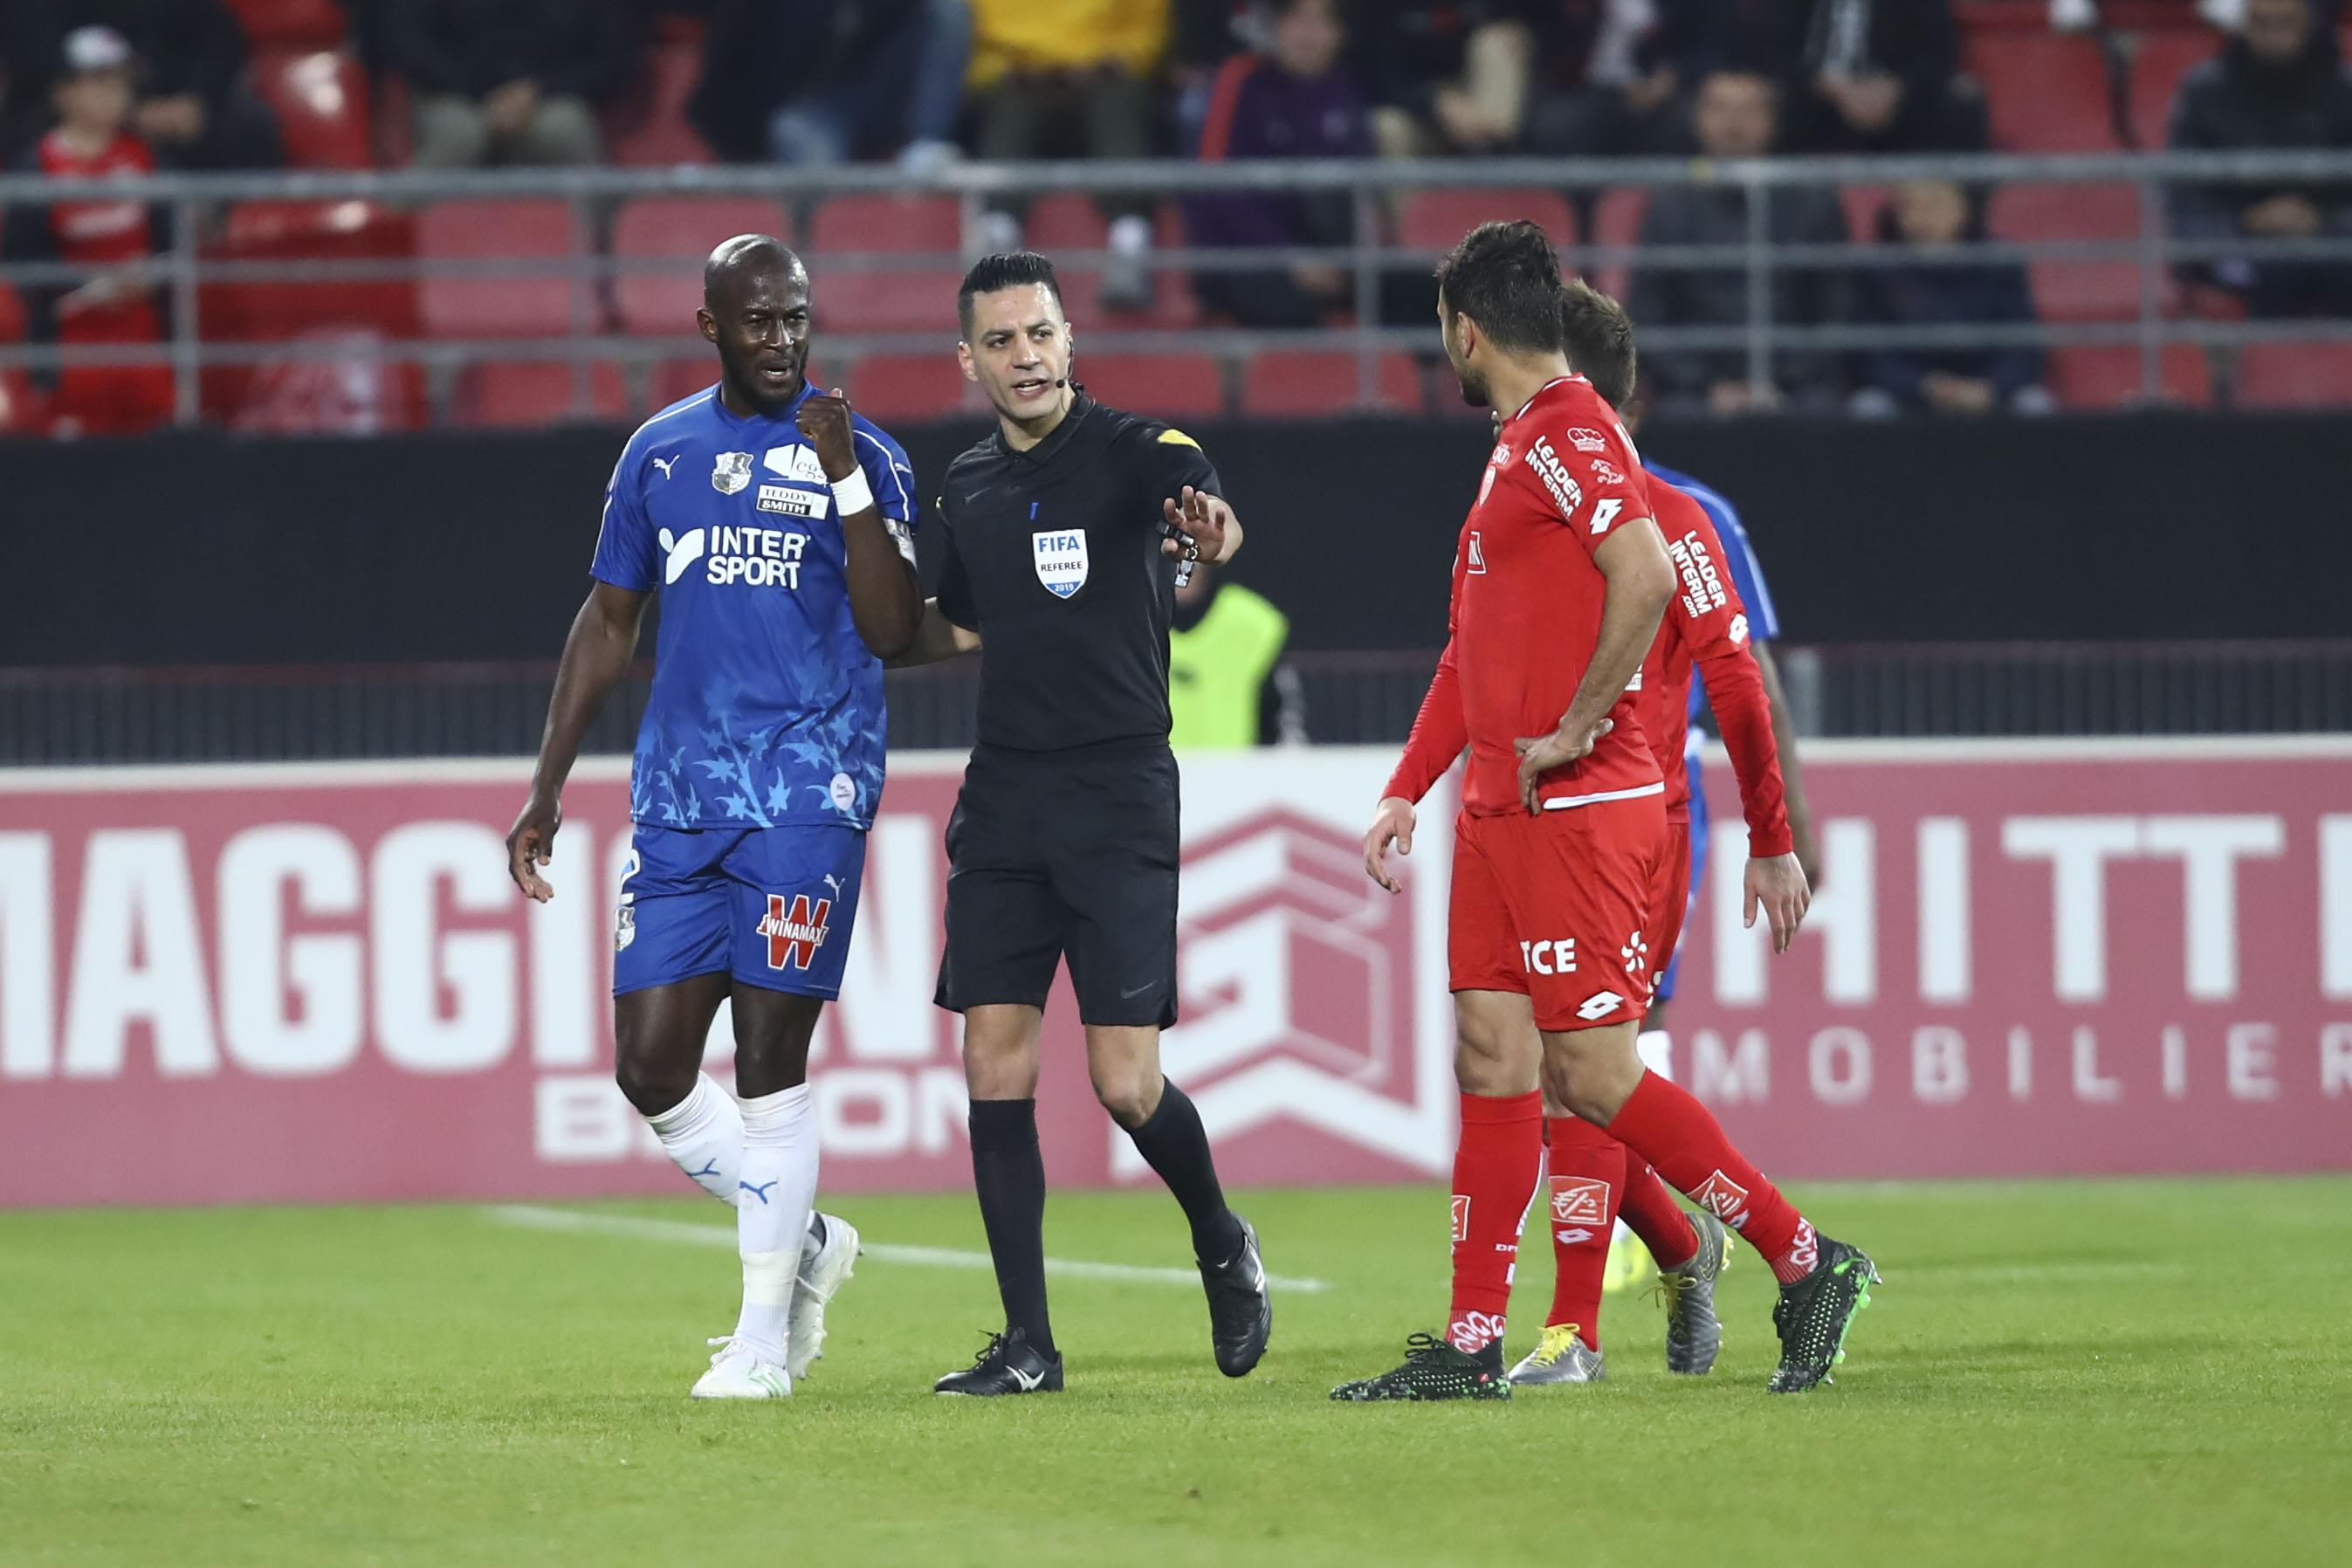 Football - Ligue 1 - Cris racistes à Dijon : le club écope d'un point de pénalité avec sursis